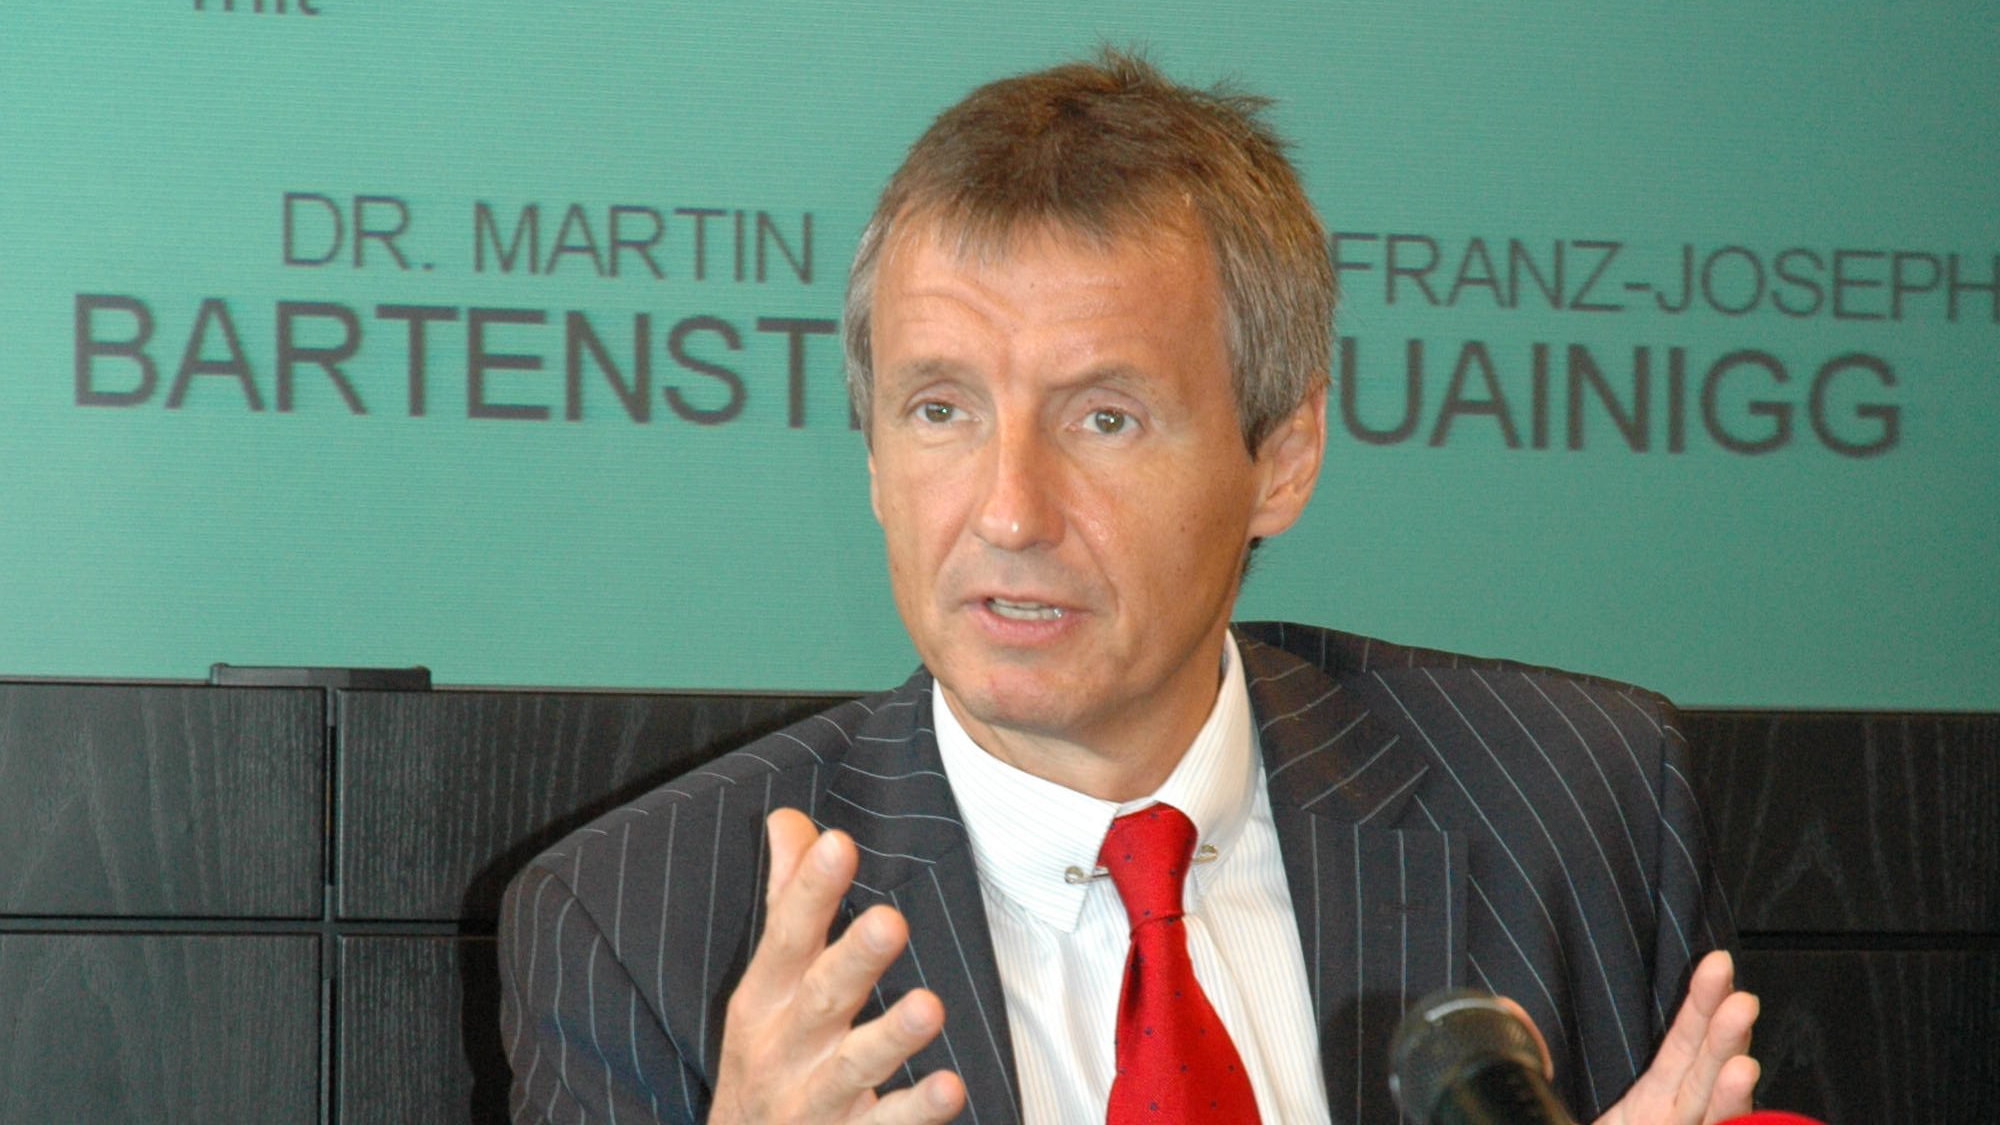 Martin Bartenstein